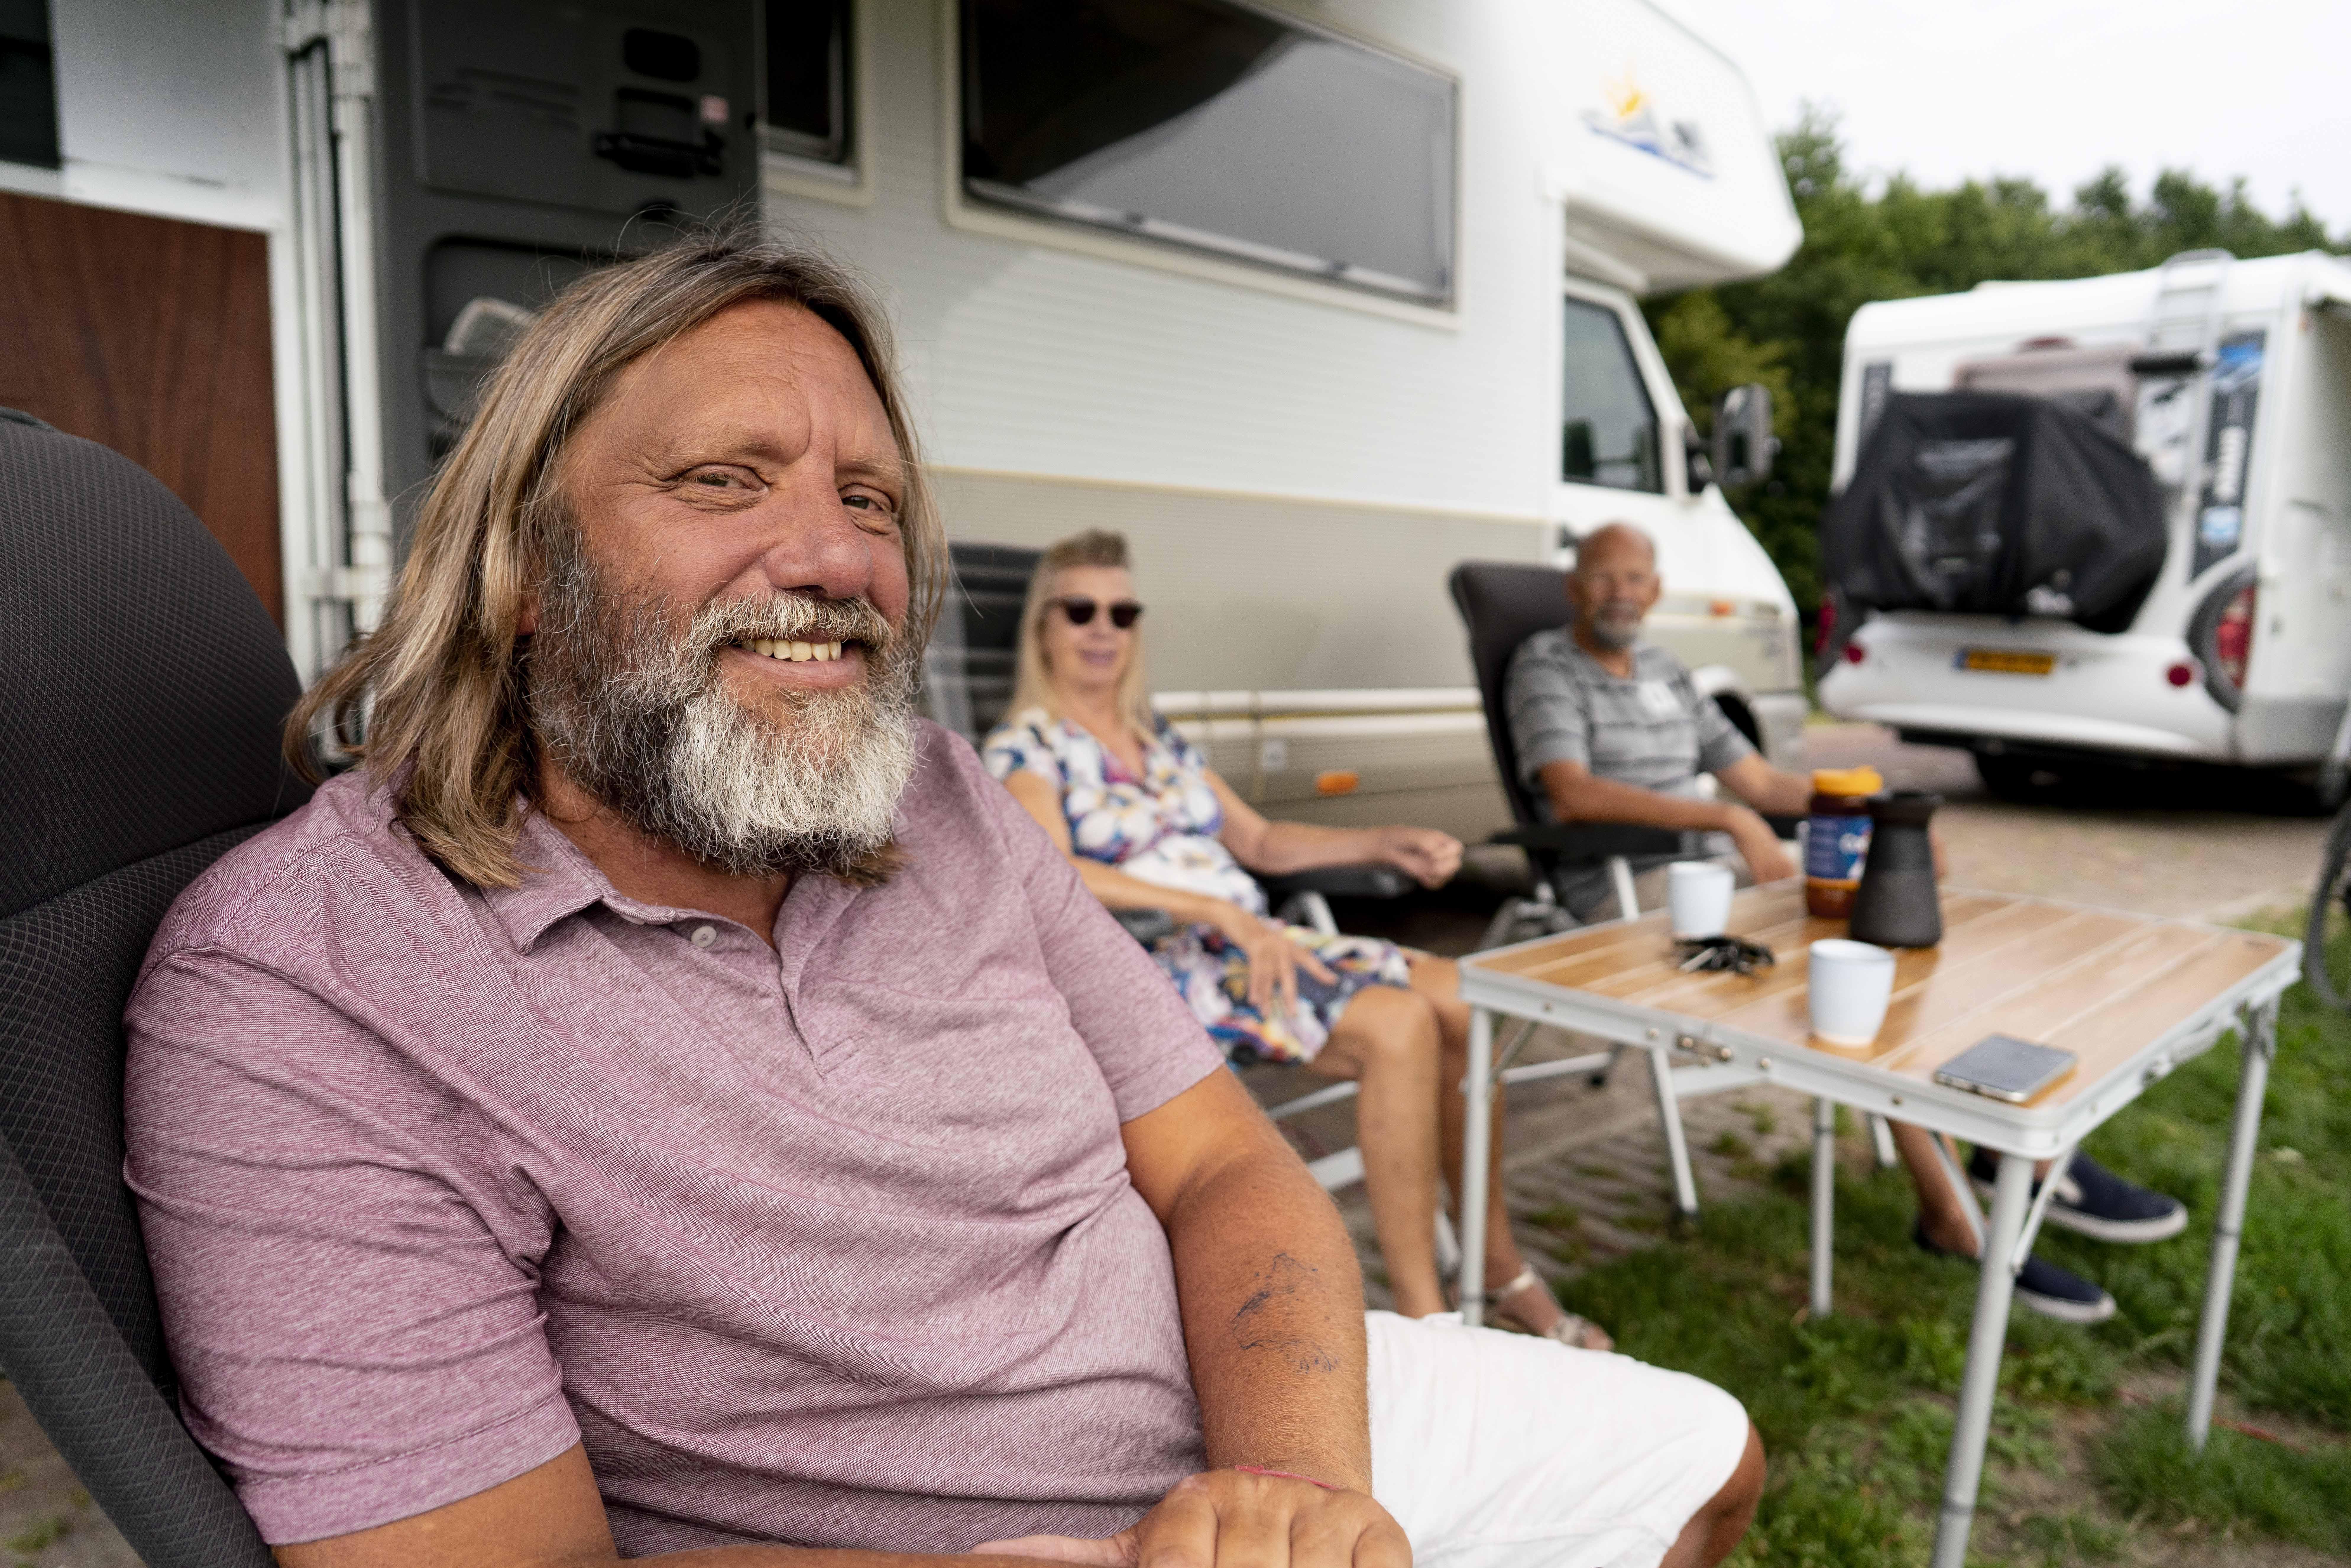 Geregeld staan er dertig campers op een rij op Zuiderstrand, 'Hollands Kroon zou moeten investeren in meer plaatsen'